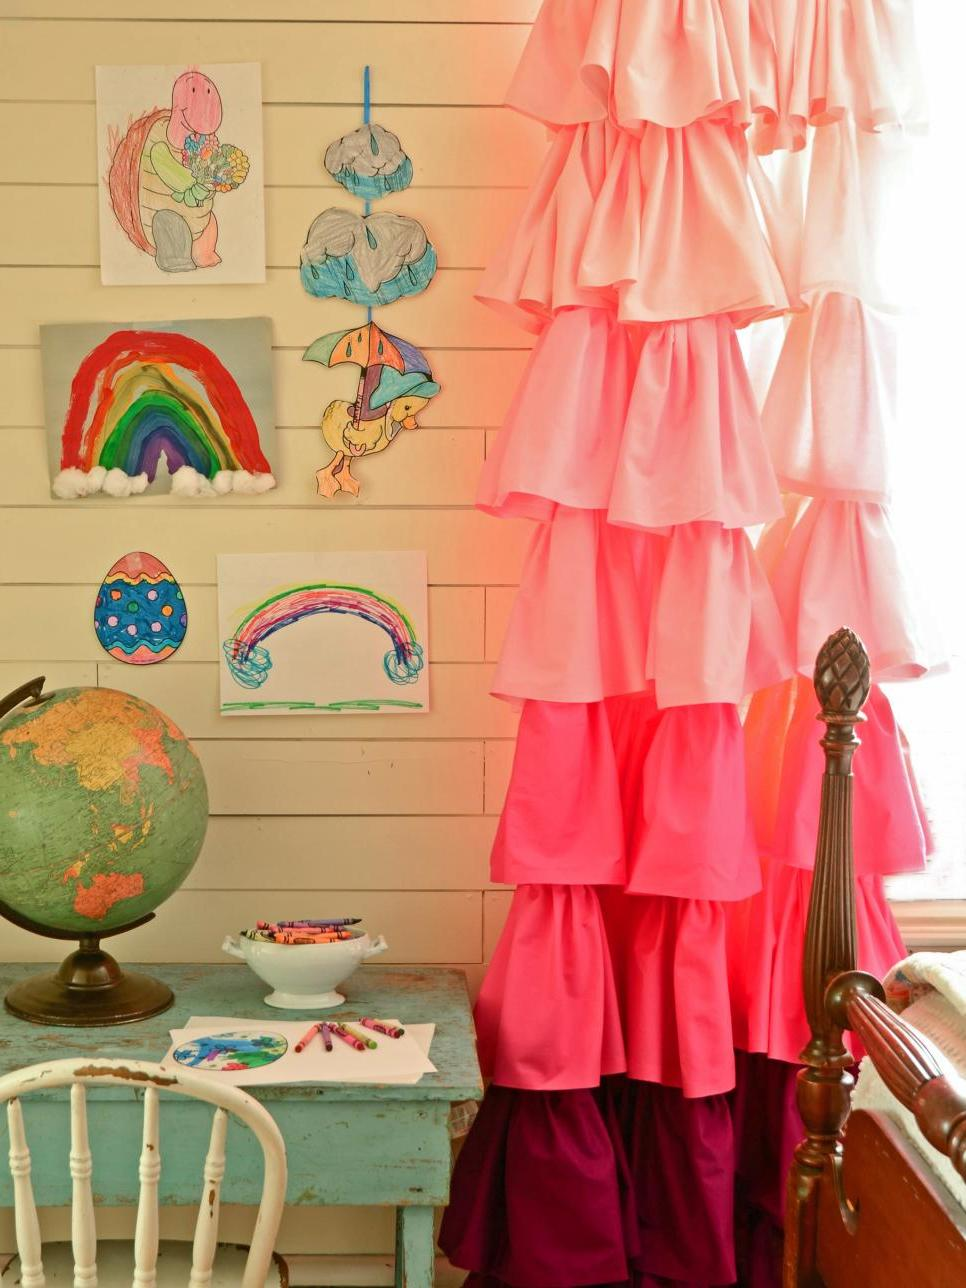 lustige Gardinen für das Kinderzimmer